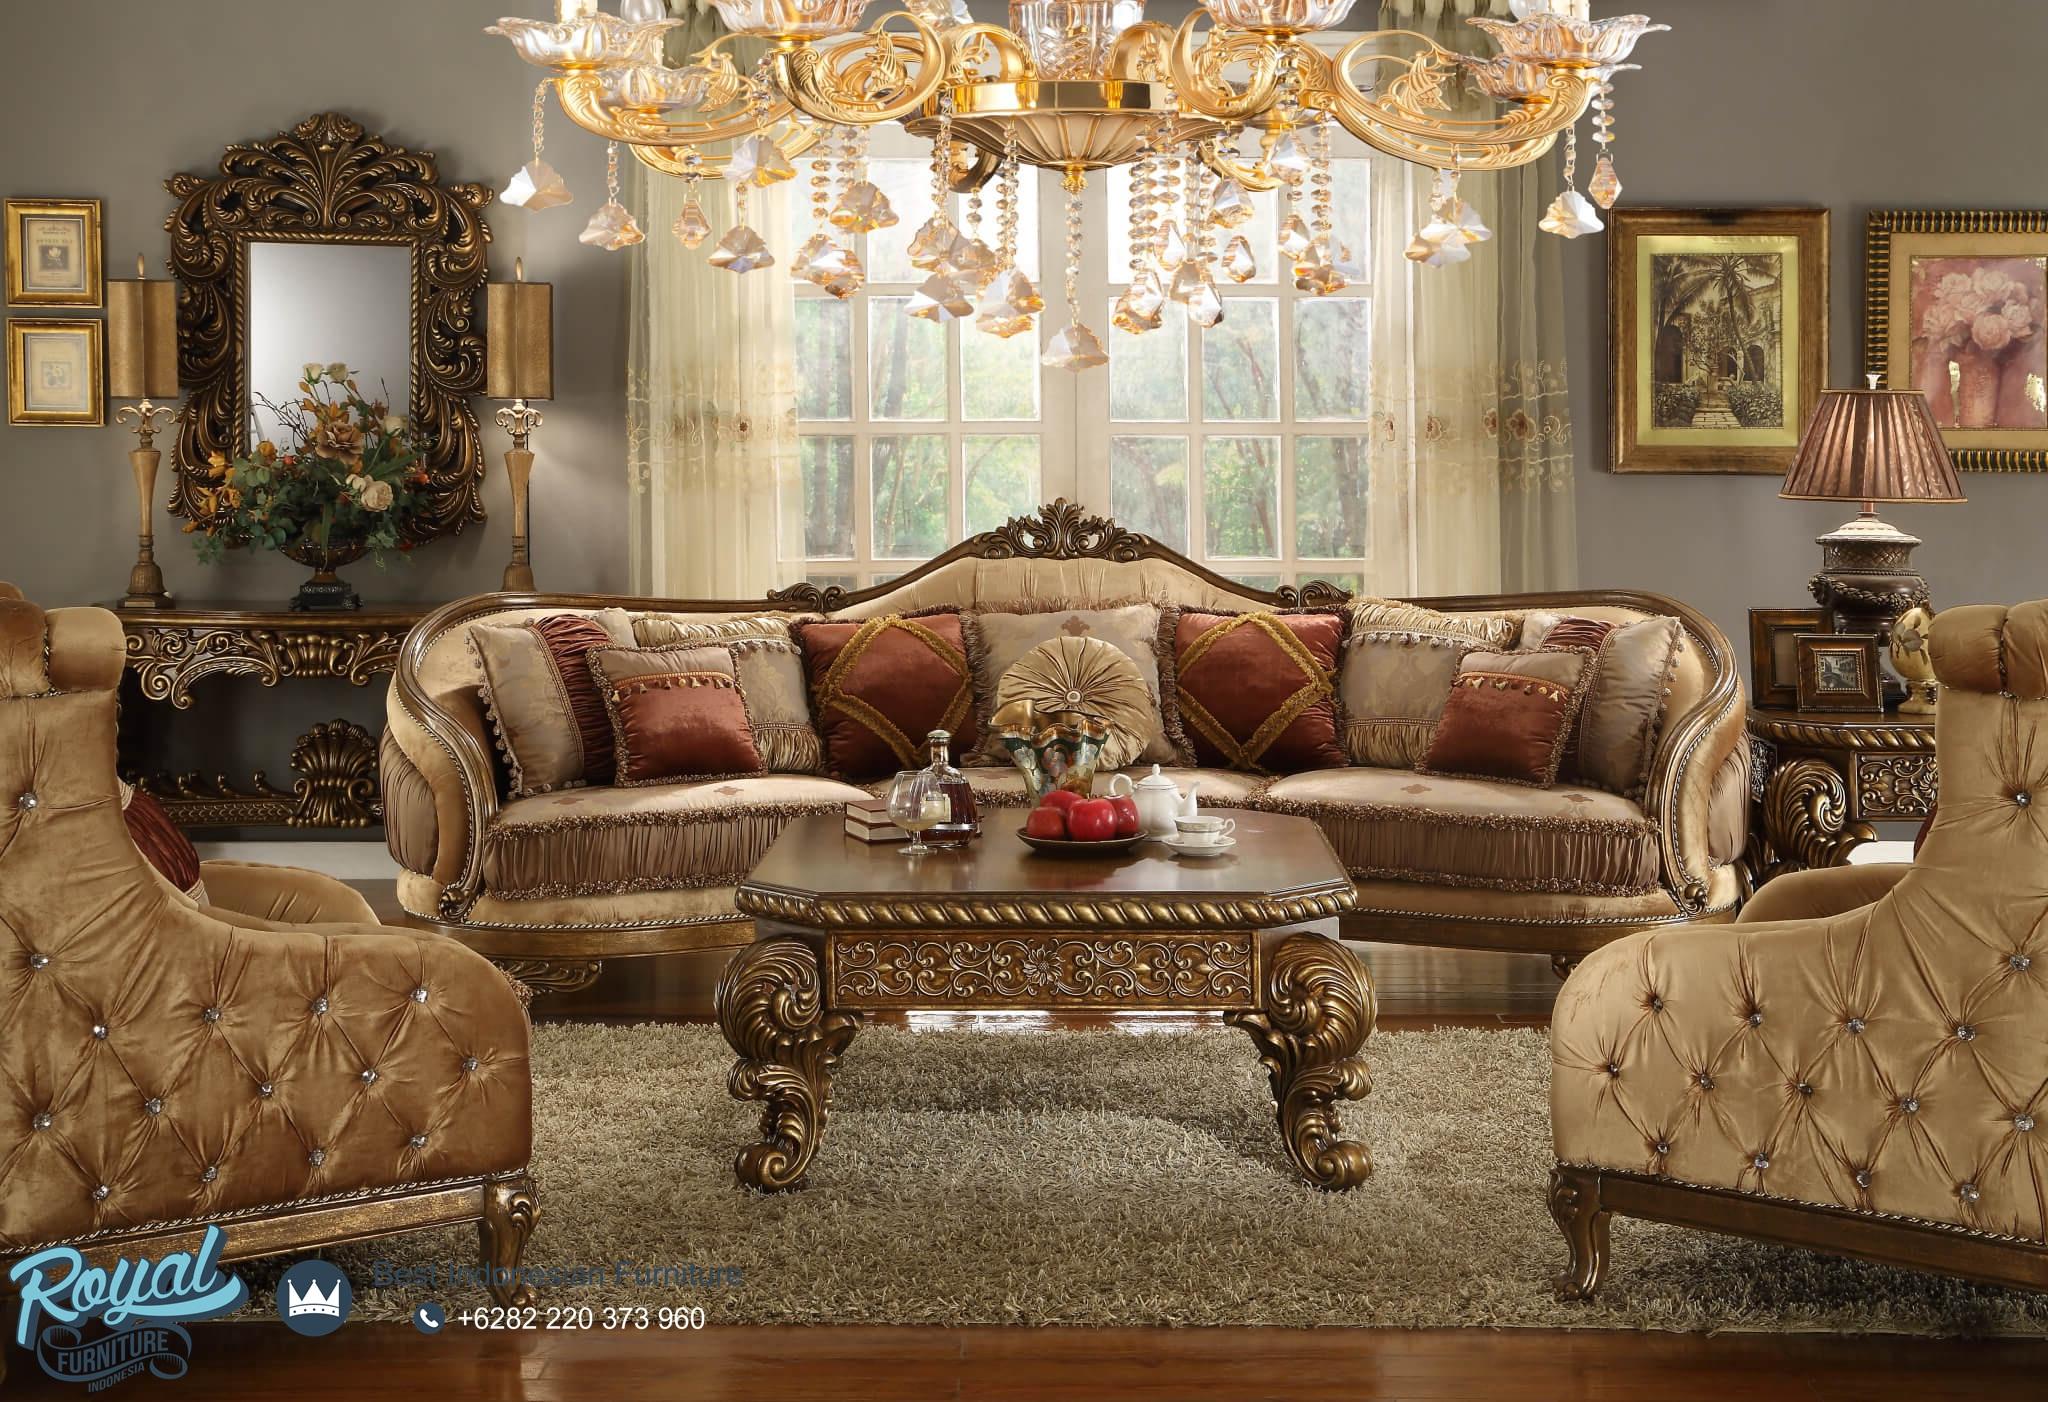 Set Sofa Tamu Mewah Ukiran Klasik Jepara Vienna Mansion Chair Terbaru,Sofa Tamu Ruang Keluarga Mewah Sudut Leter L Classic Gold Klasik Jepara Terbaru,sofa ruang keluarga mewah,Sofa Ruang Tamu Sudut Mewah Terbaru,1 Set Sofa Tamu, Furniture Jepara, Gambar Mebel Jepara, Gambar Sofa Ruang Tamu Terbaru, Harga Kursi Ruang Tamu Mewah, Harga Sofa Tamu Jepara, Jual Furniture Sofa Tamu, Kursi Klasik Mewah, Kursi Sofa Tamu Jepara Mewah Klasik Royal, Kursi Sofa Tamu Mewah Klasik Ukiran Jepara, kursi tamu jepara, Kursi tamu mewah, Mebel Jepara, Model Sofa Mewah terbaru,Set Sofa Tamu Klasik, sofa jati mewah, Sofa Jati Minimalis, Sofa Jepara Minimalis, sofa jepara modern, Sofa jepara terbaru, Sofa klasik Mewah, sofa tamu klasik, sofa tamu mewah,Royal Furniture